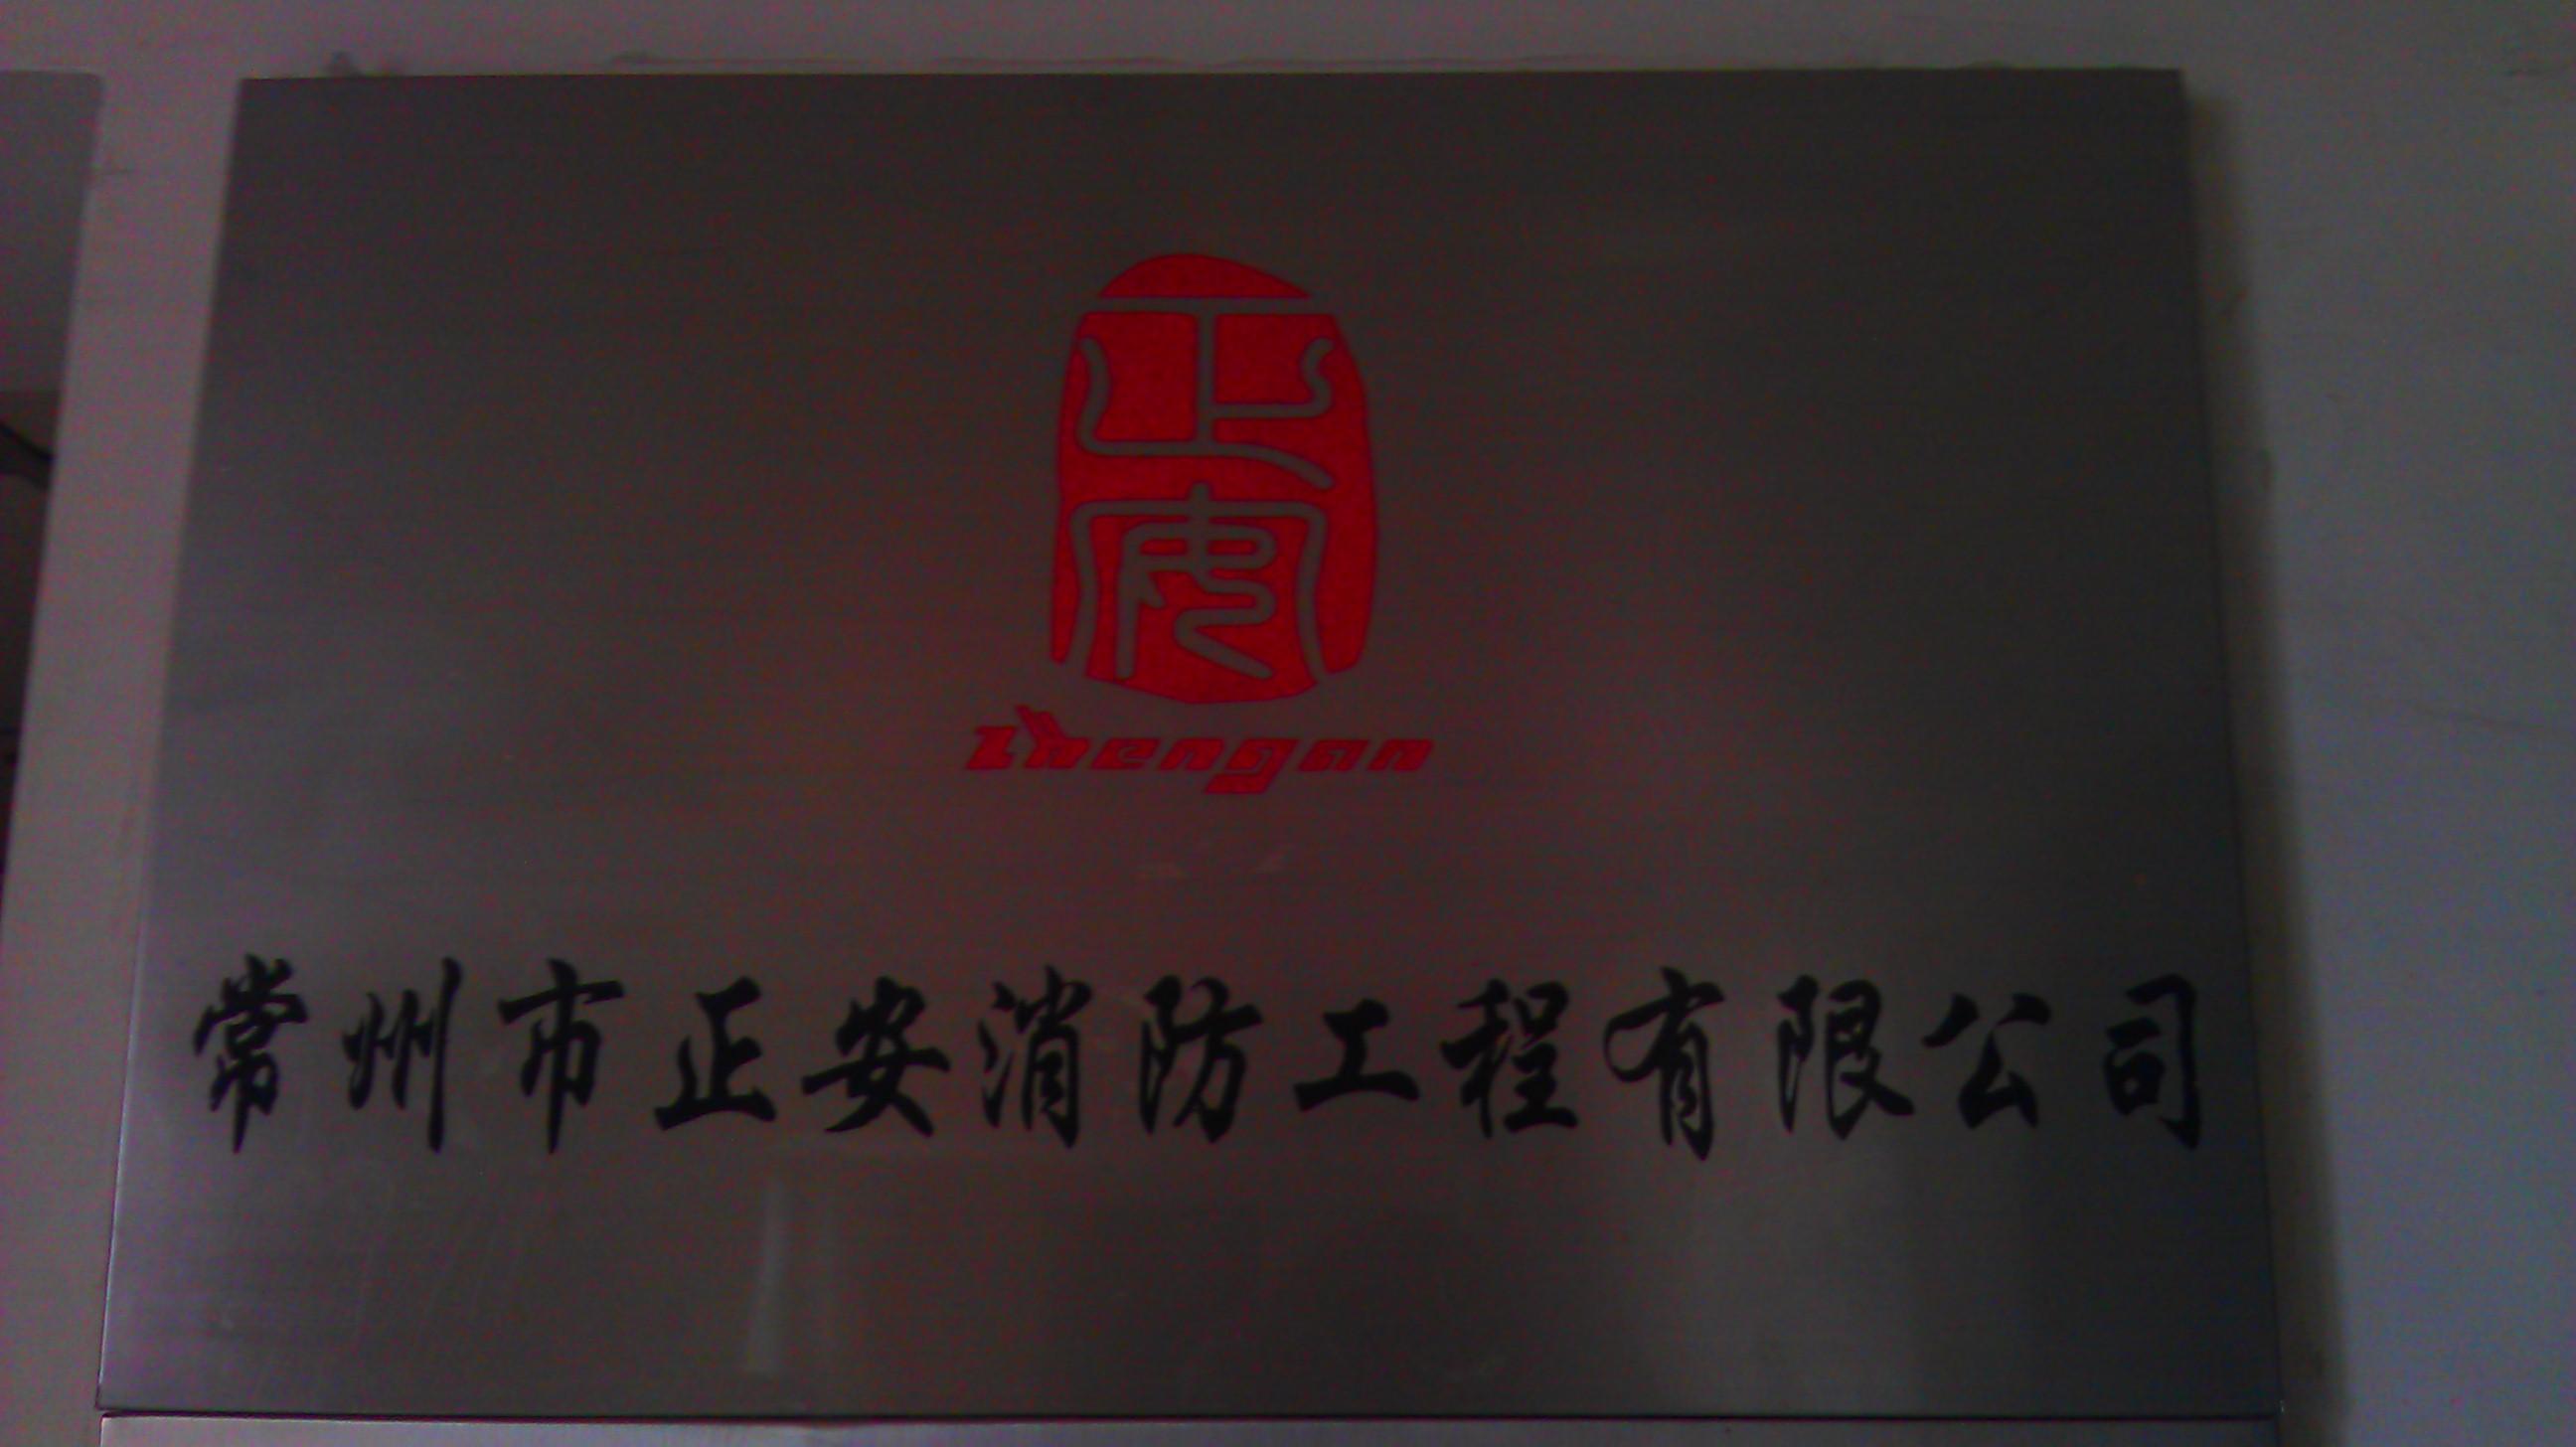 江蘇正安消防工程技術有限公司